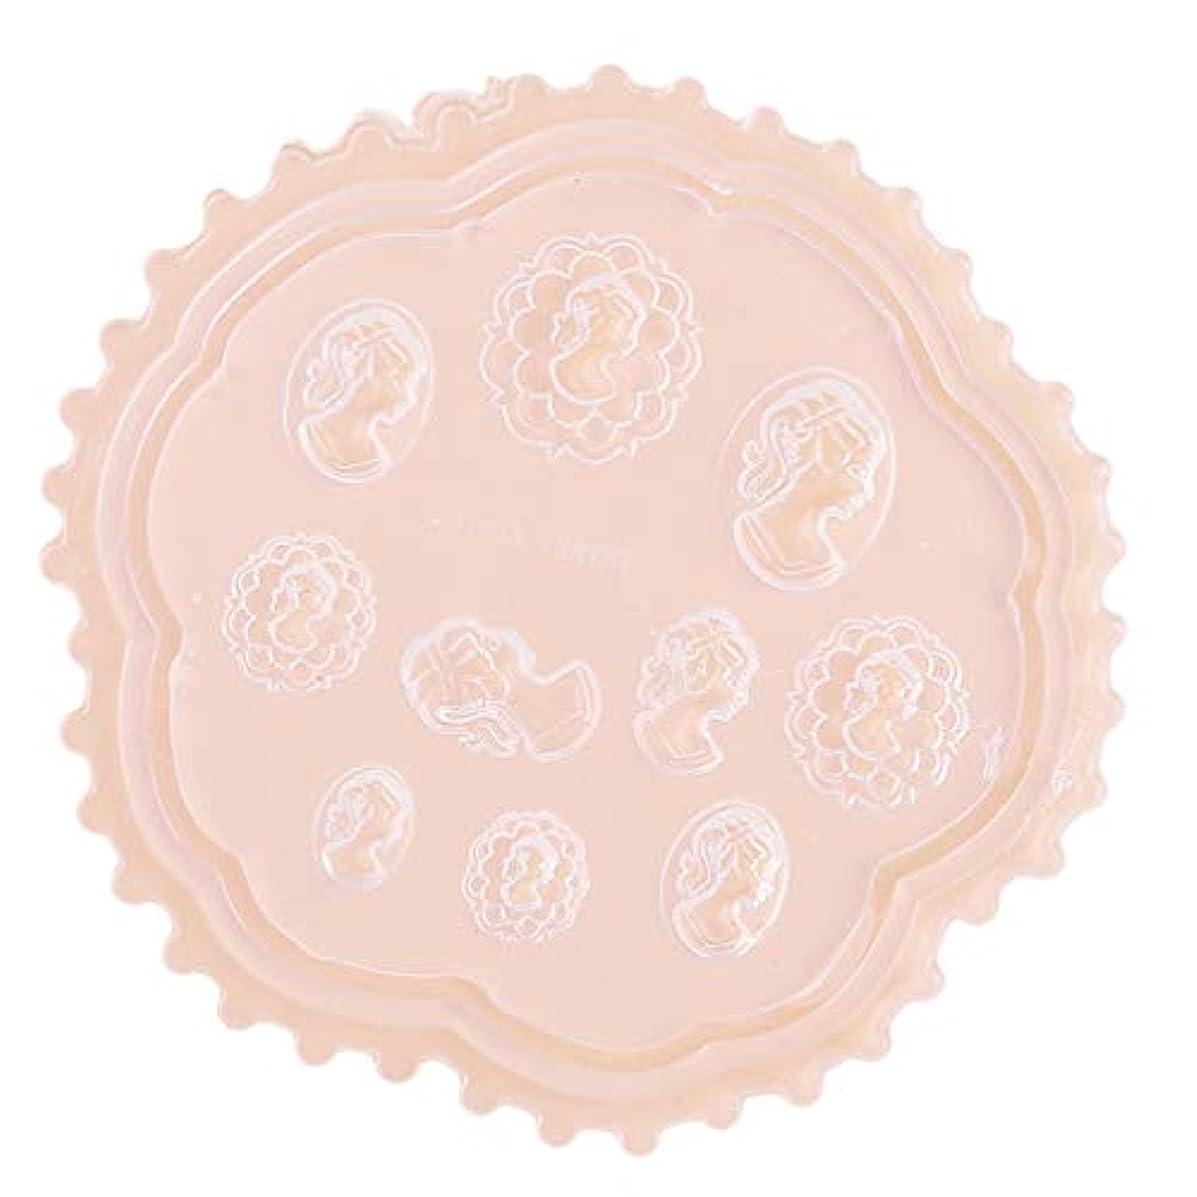 残忍な個人メロディーBEE&BLUE 3Dシリコンモールド ネイル 葉 花 抜き型 3Dネイル用 レジンモールド UVレジン ネイルパーツ ジェル ネイル セット